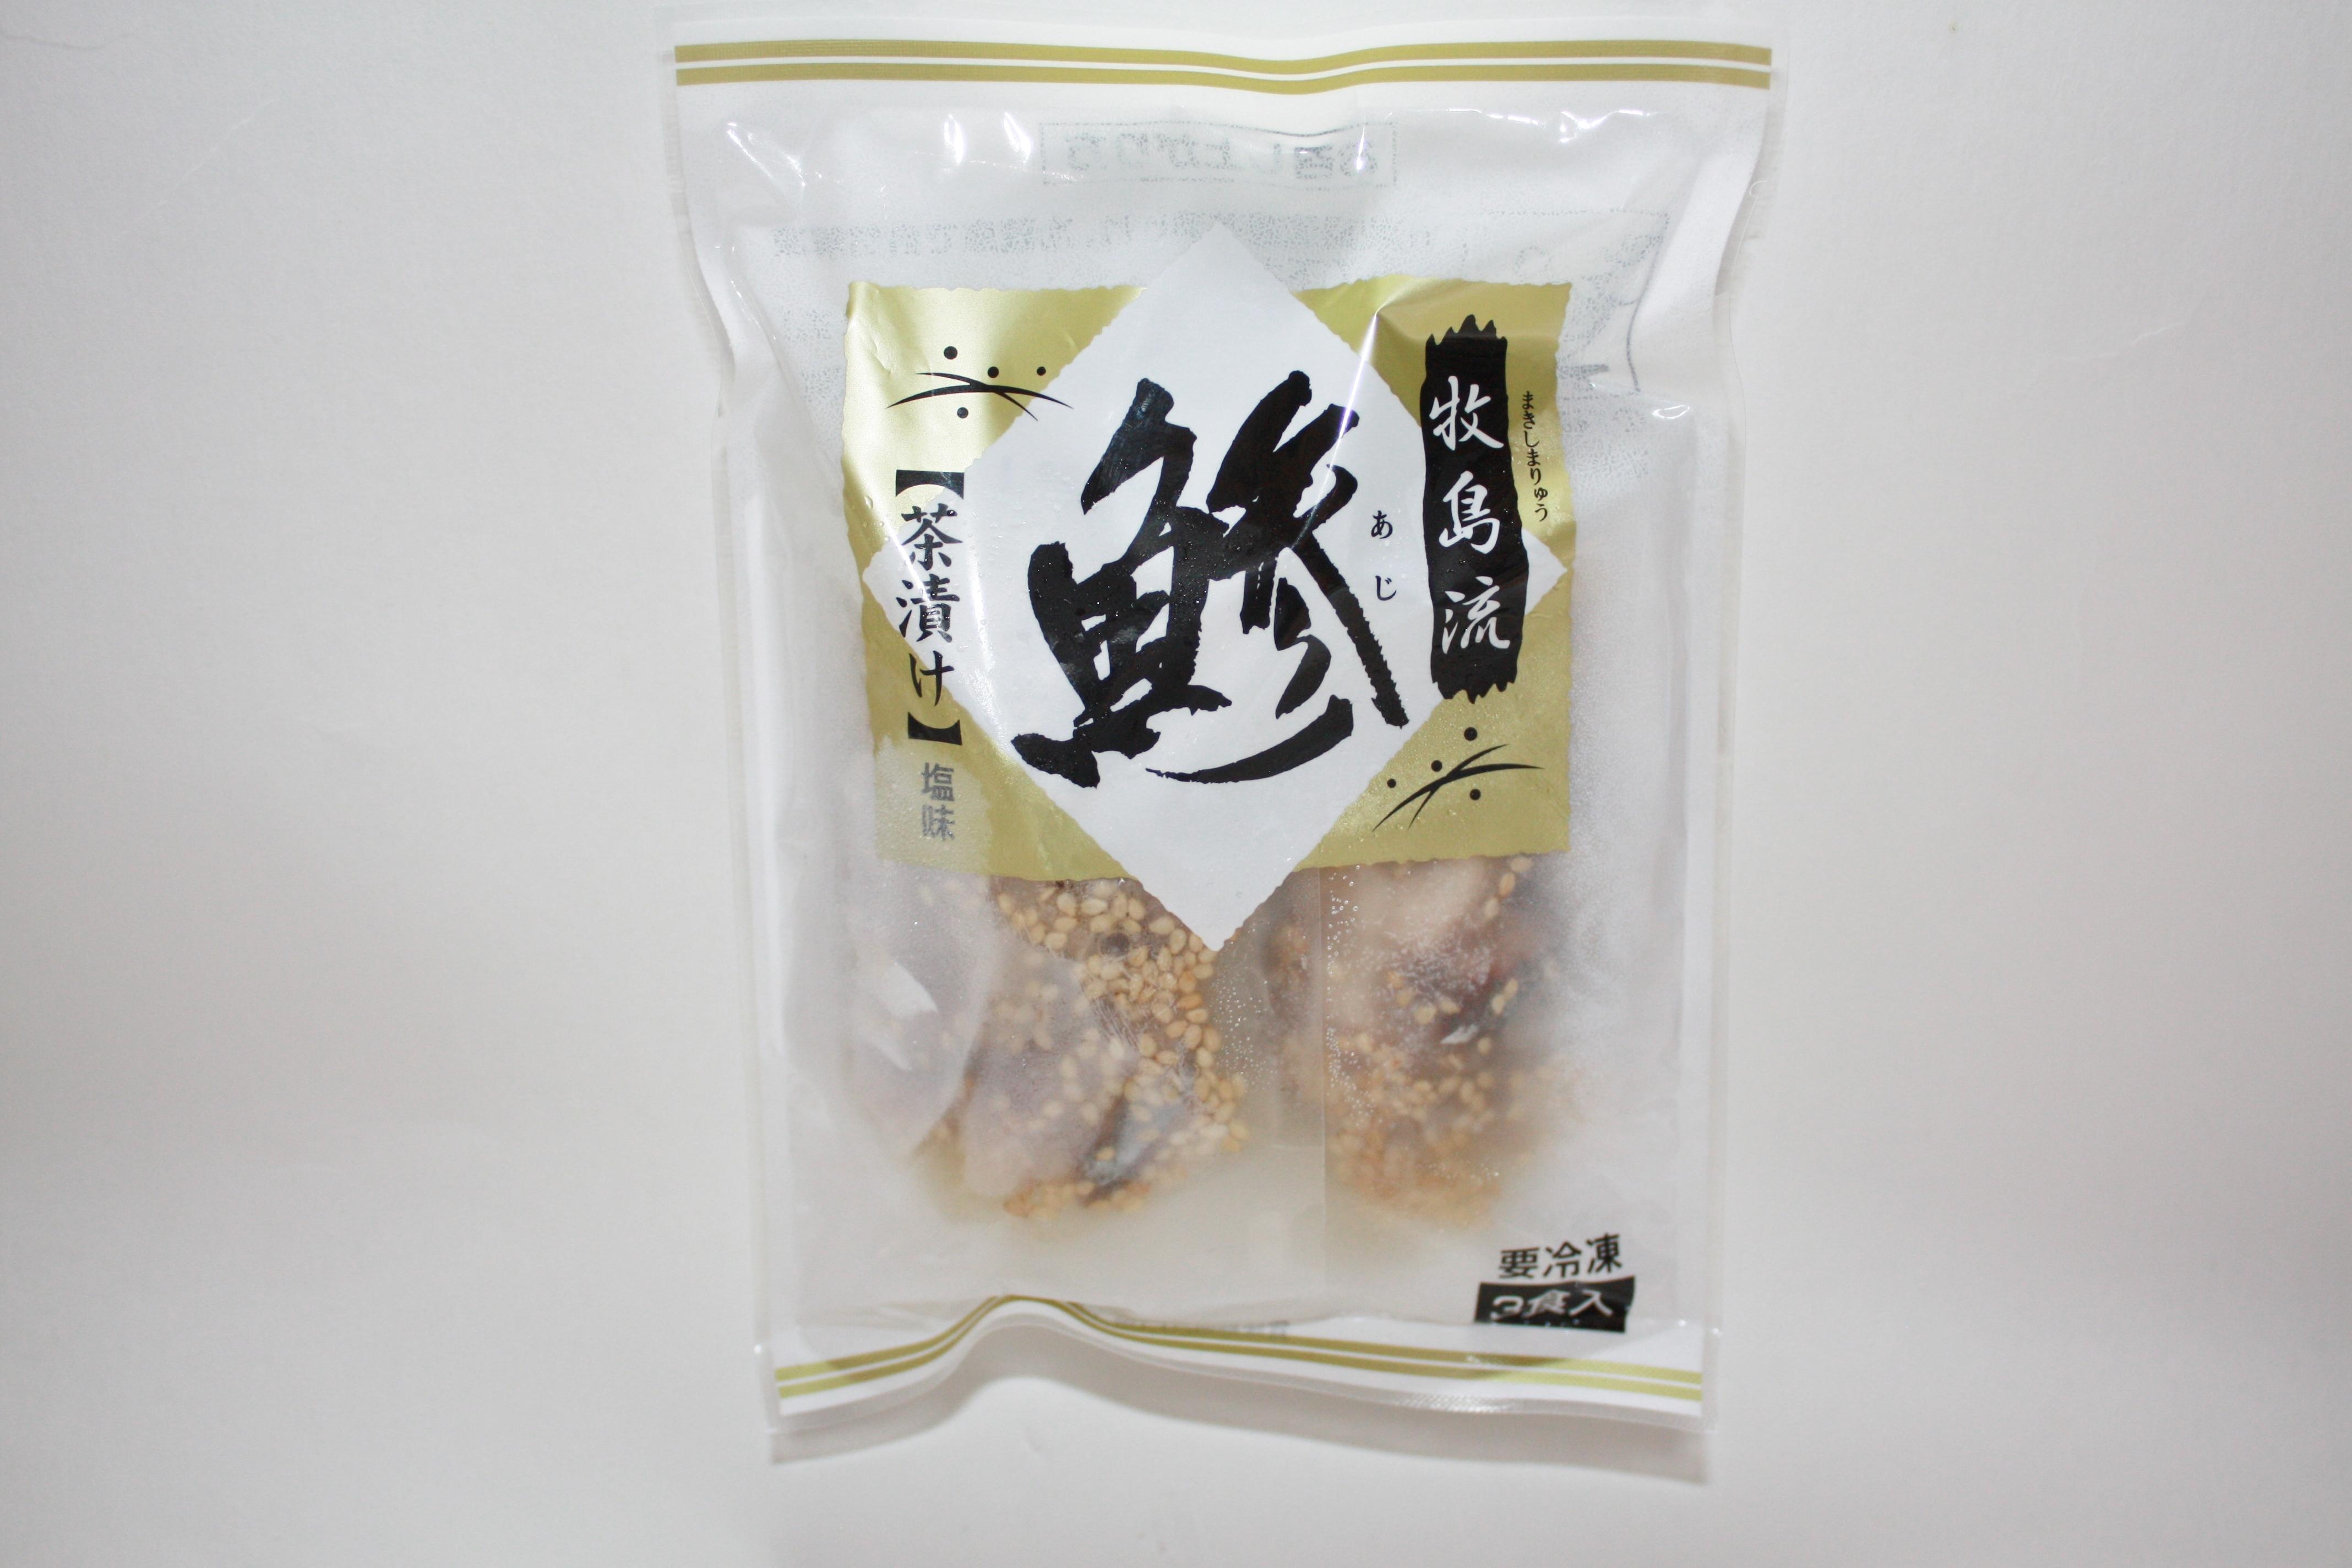 牧島流鯵茶漬け 塩味 【有限会社 徳信】